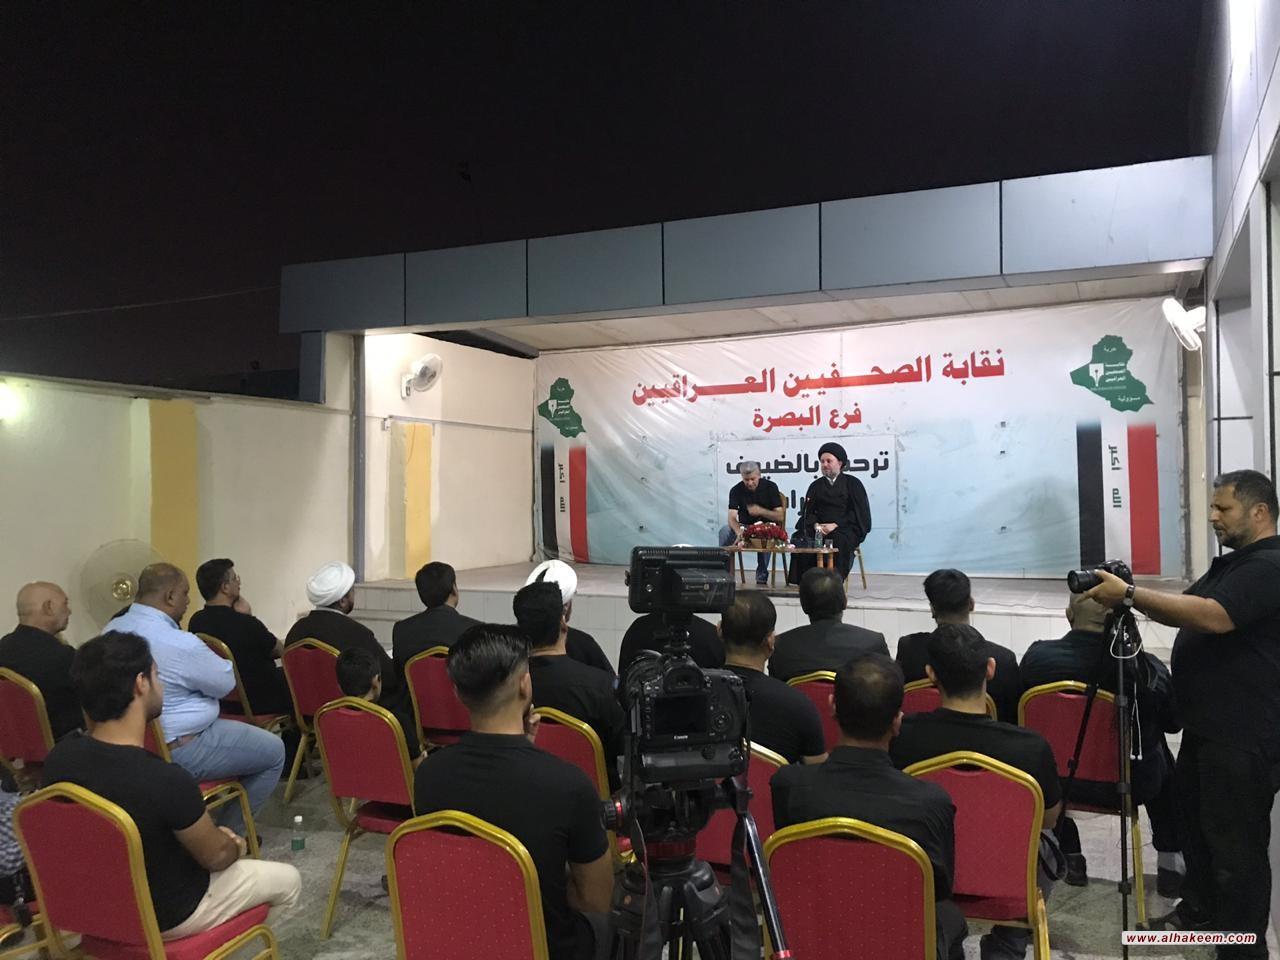 ممثل مكتب سماحة المرجع الكبير السيد الحكيم (مد ظله) يشارك في ندوة نقابة الصحفيين العراقيين فرع البصرة